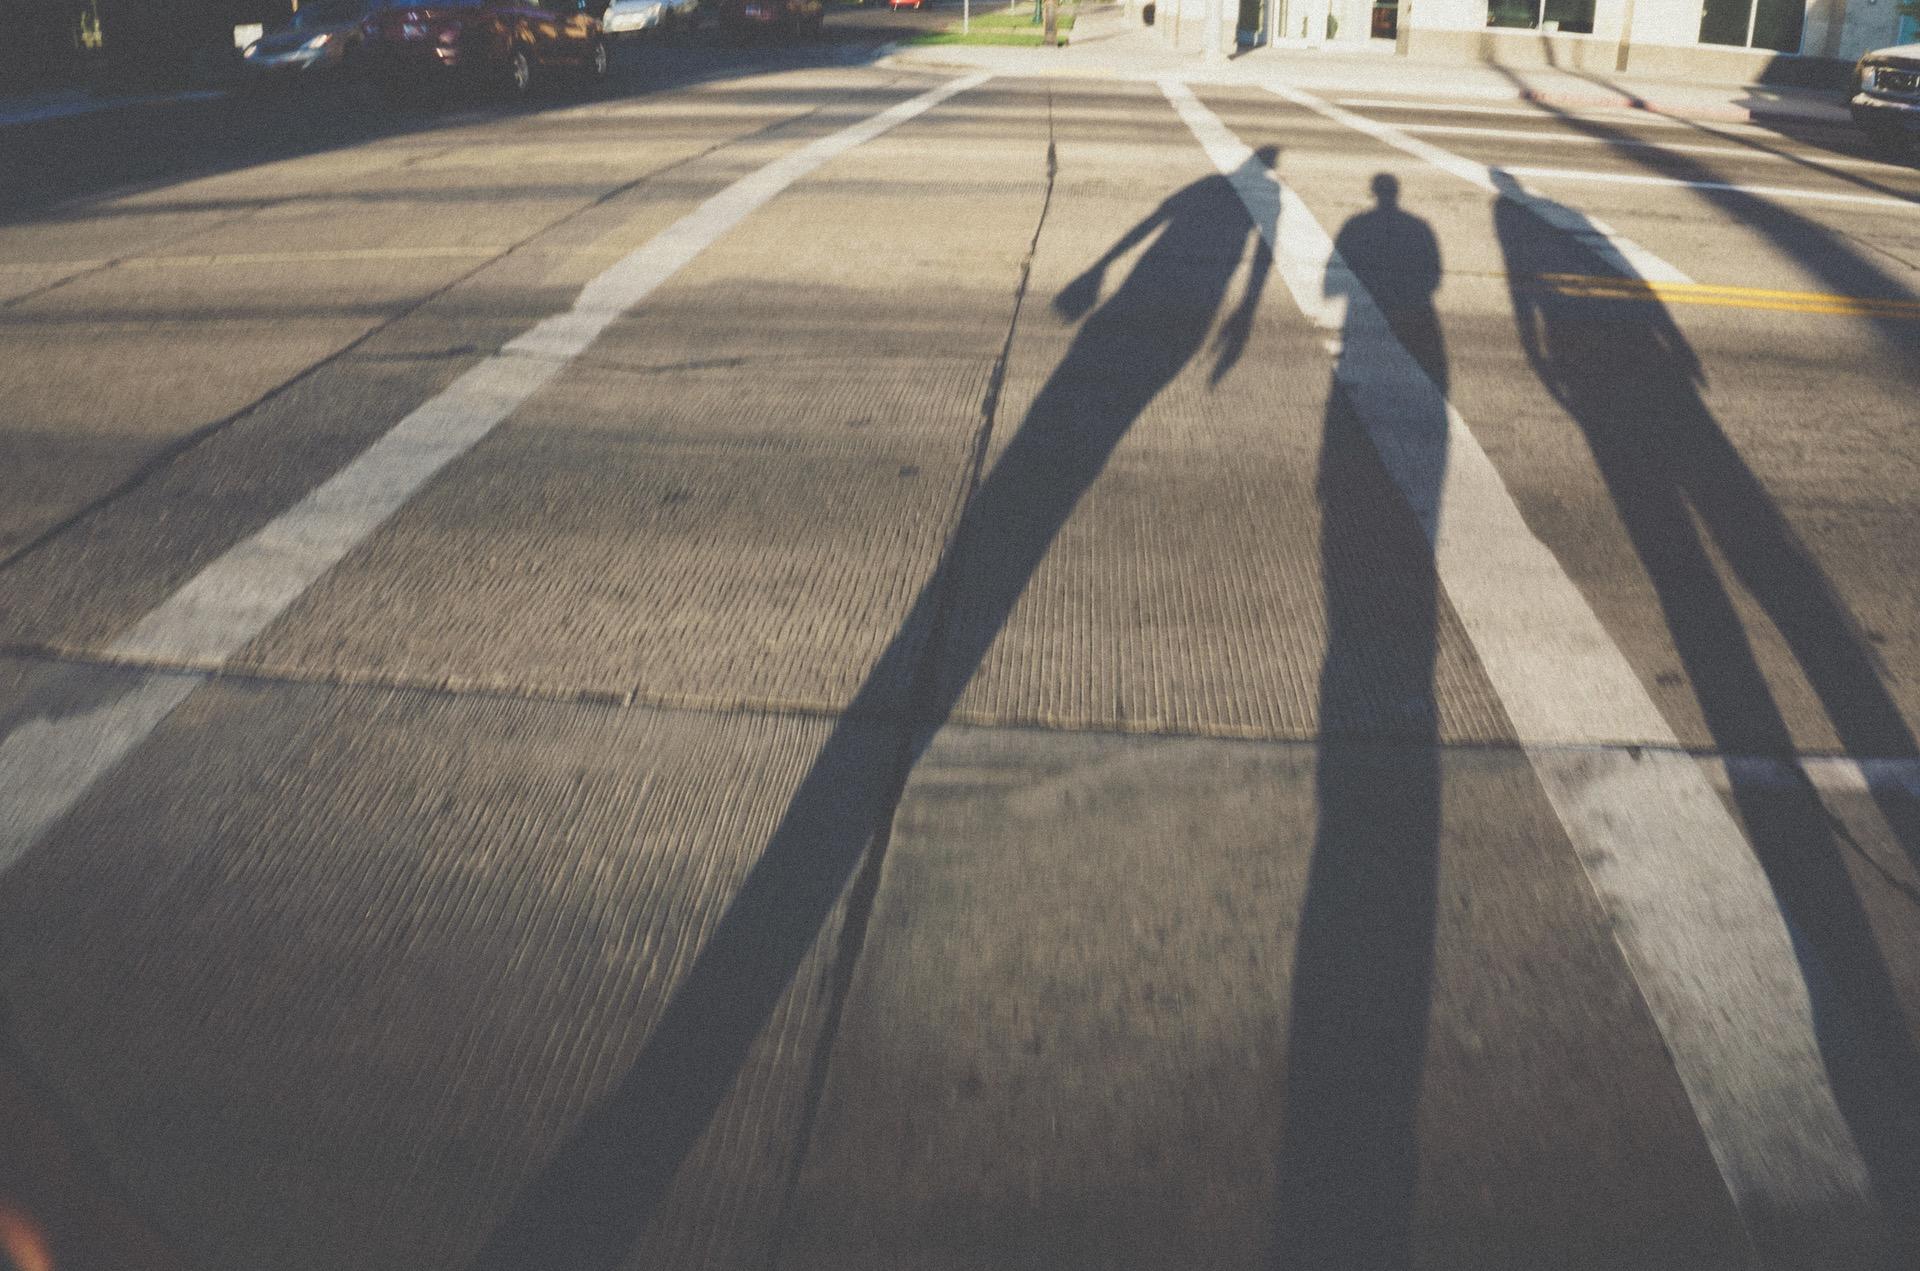 Saiba escolher seus relacionamentos e aumente seus resultados - Priscila Guskuma